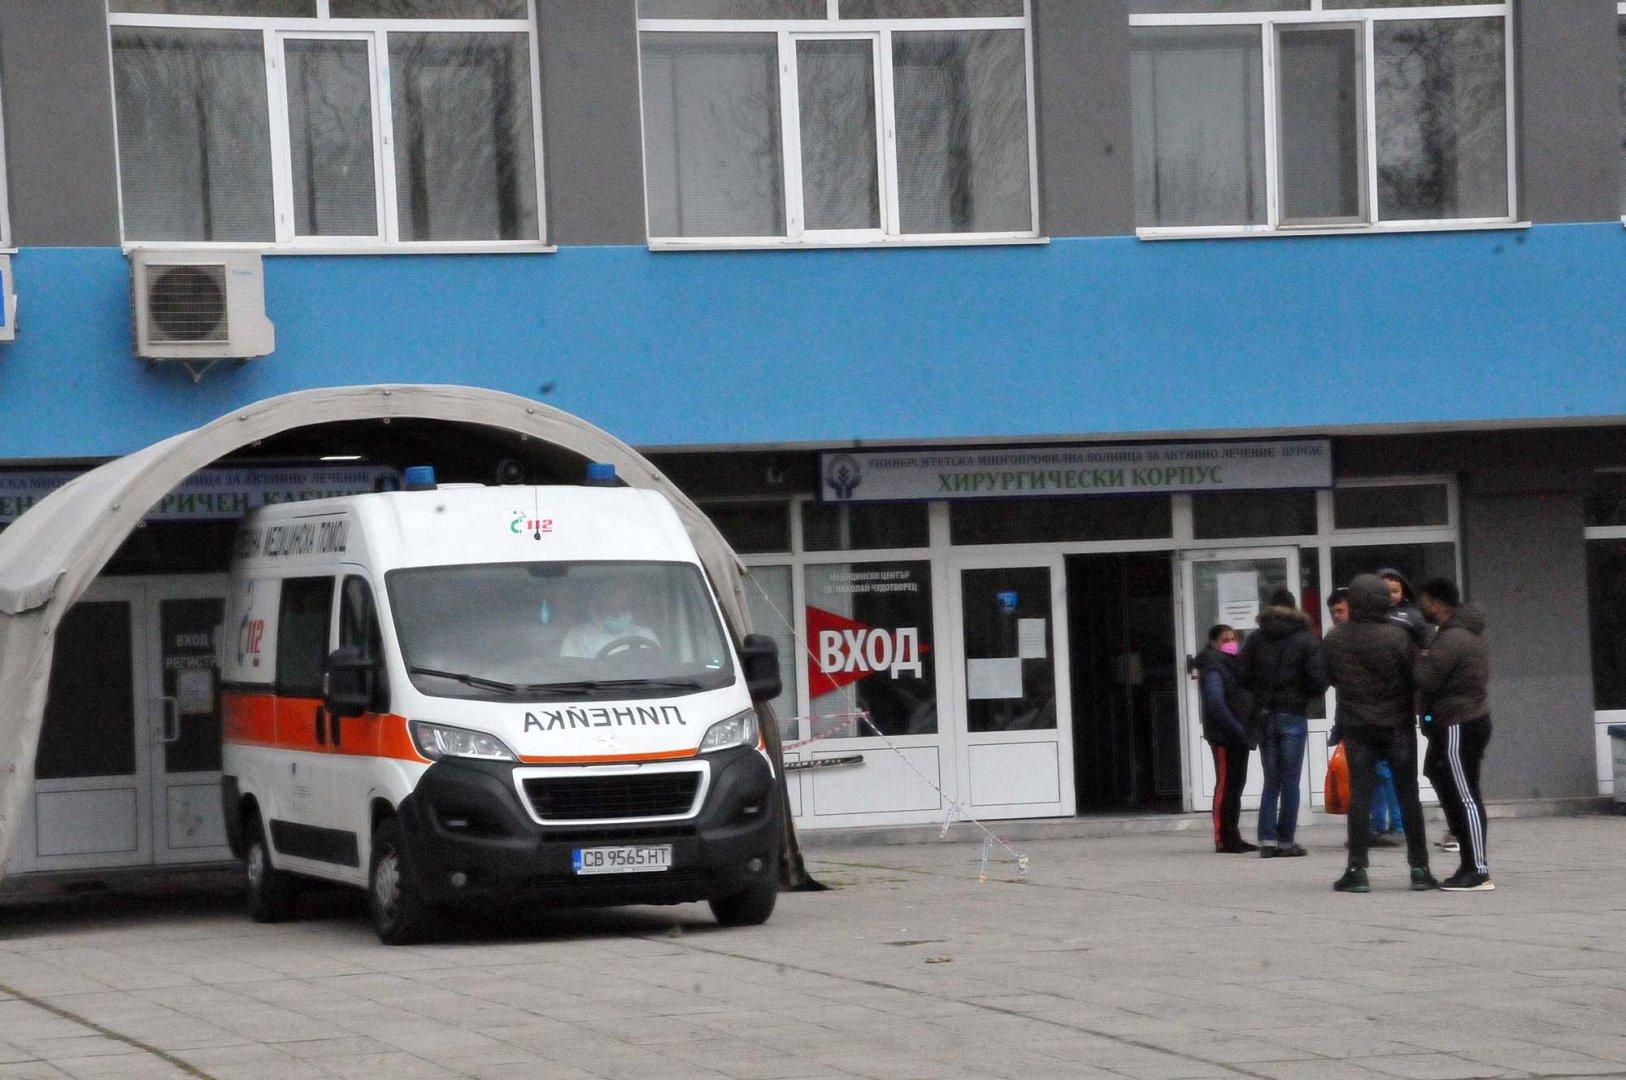 Броят на пациентите с корона вирус, които се лекуват в УМБАЛ - Бургас намалява. Снимка Архив Черноморие-бг